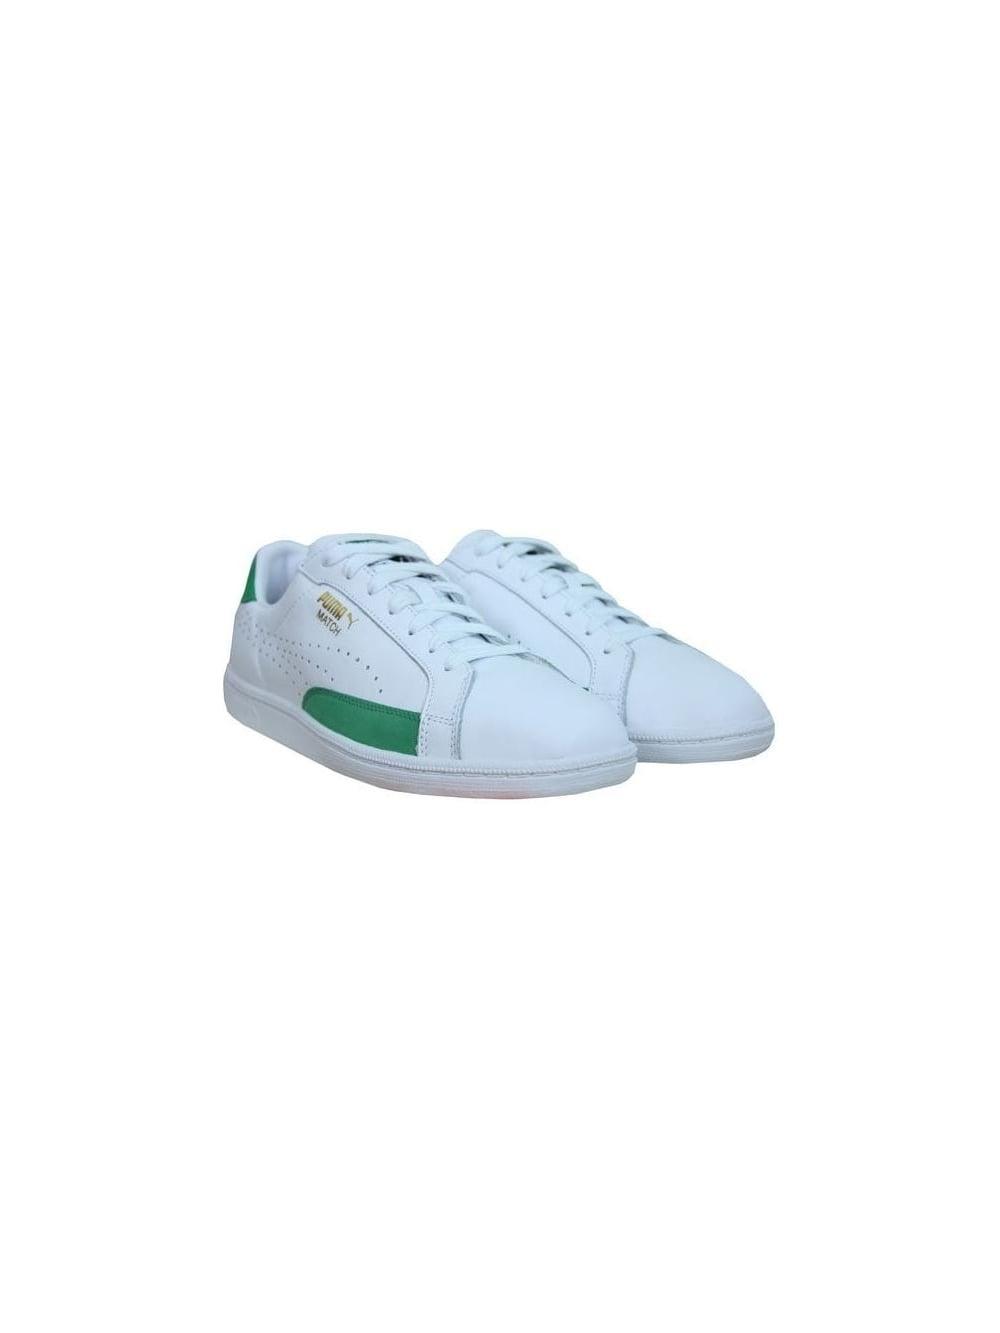 plus récent 135ed c2a59 Puma Match 74 - White